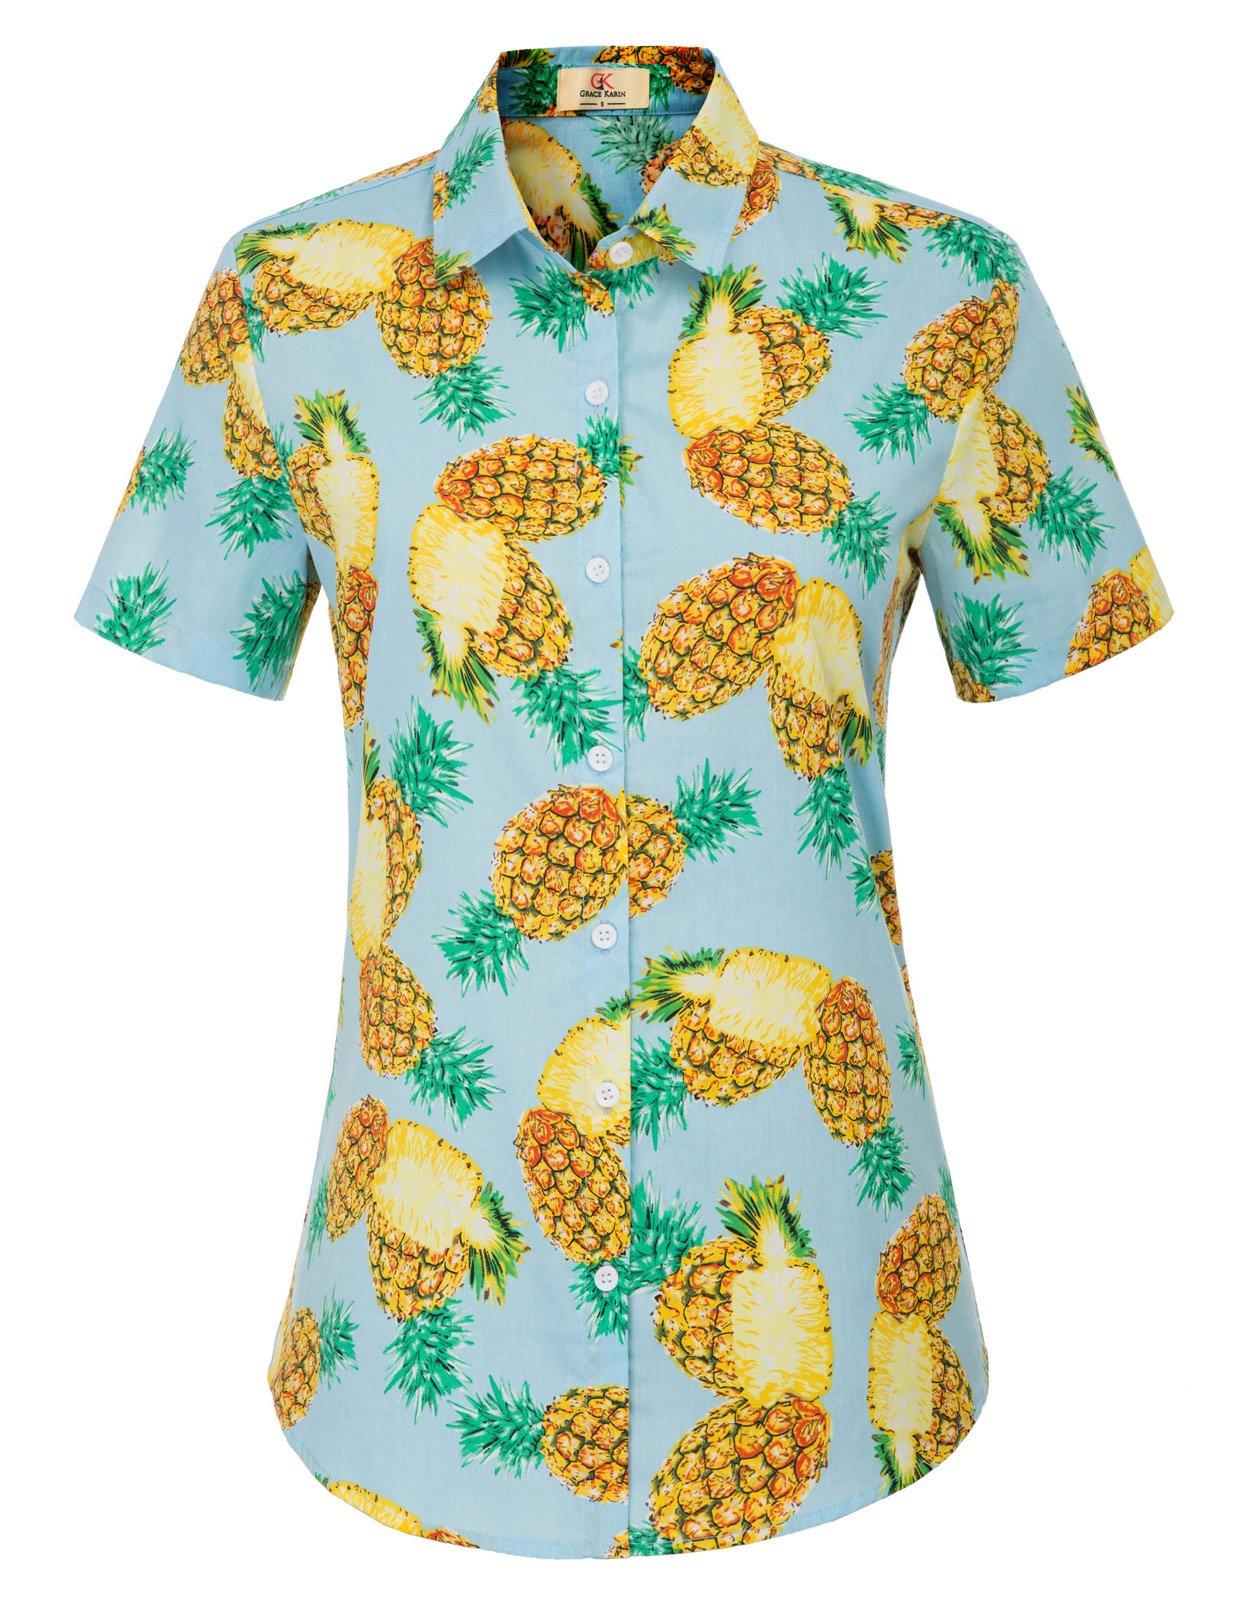 Women Relaxed Regular Fit Beach Holiday Button-Down Shirt XXL Light Blue